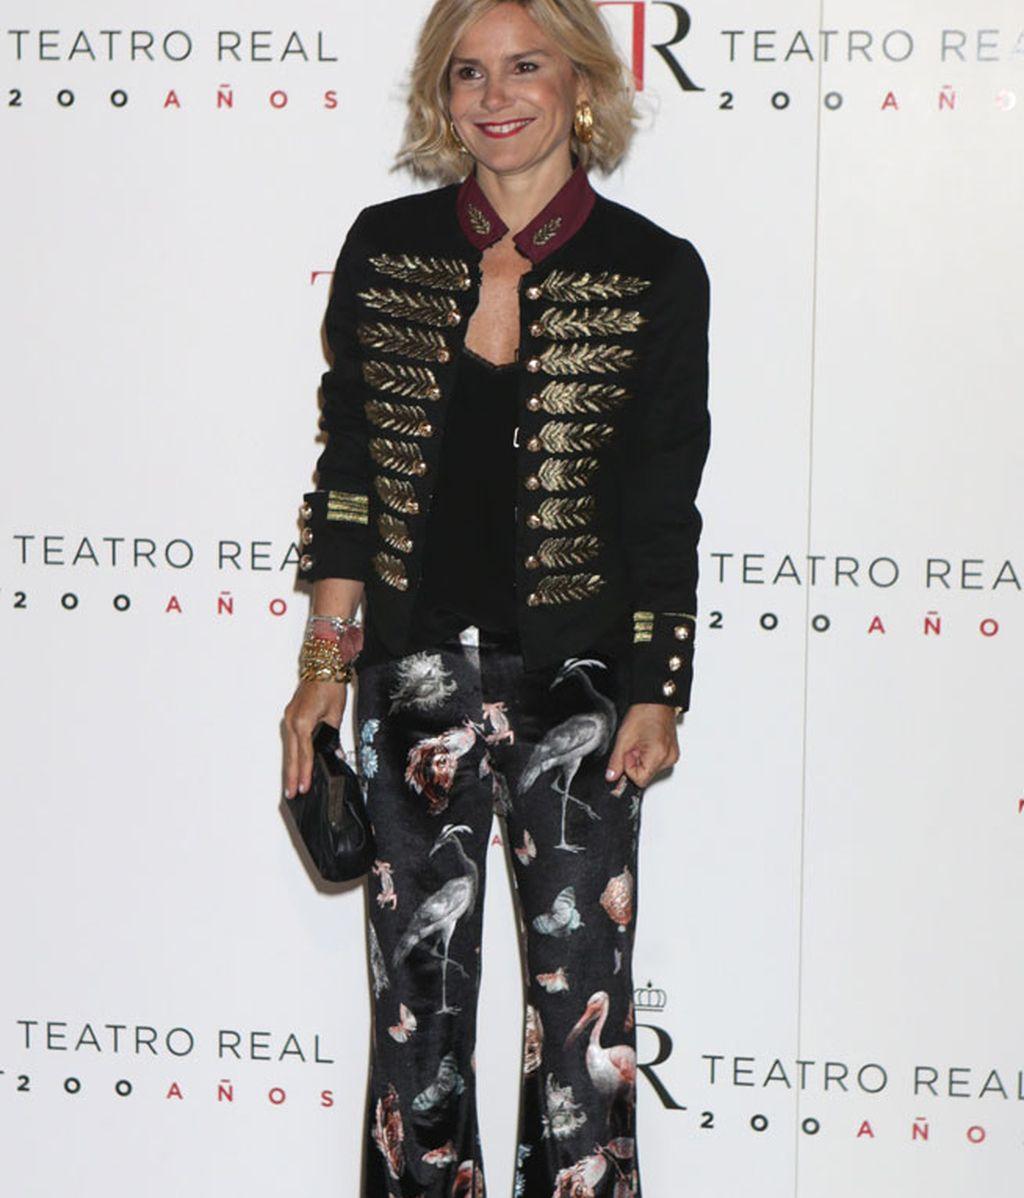 Eugenia Martínez de Irujo con pantalón estampado y chaqueta de terciopelo